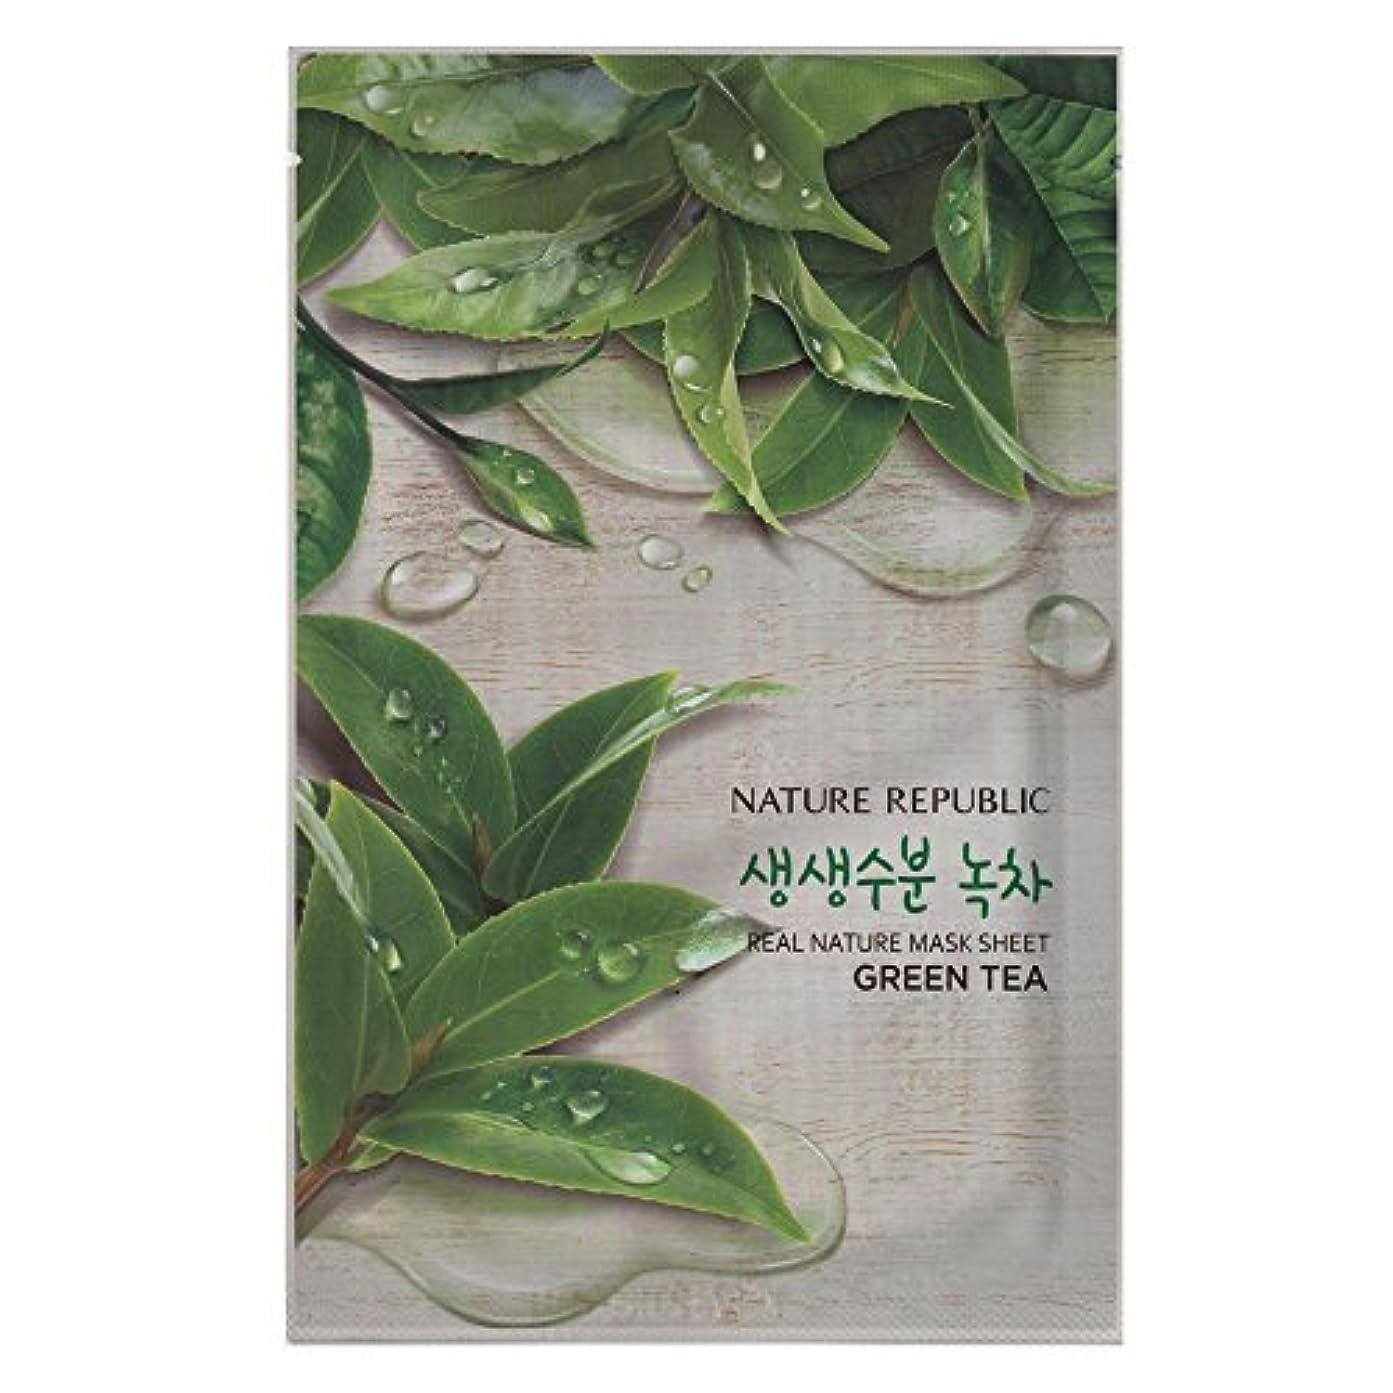 火山のマリナー雹[NATURE REPUBLIC] リアルネイチャー マスクシート Real Nature Mask Sheet (Green Tea (緑茶) 10個) [並行輸入品]